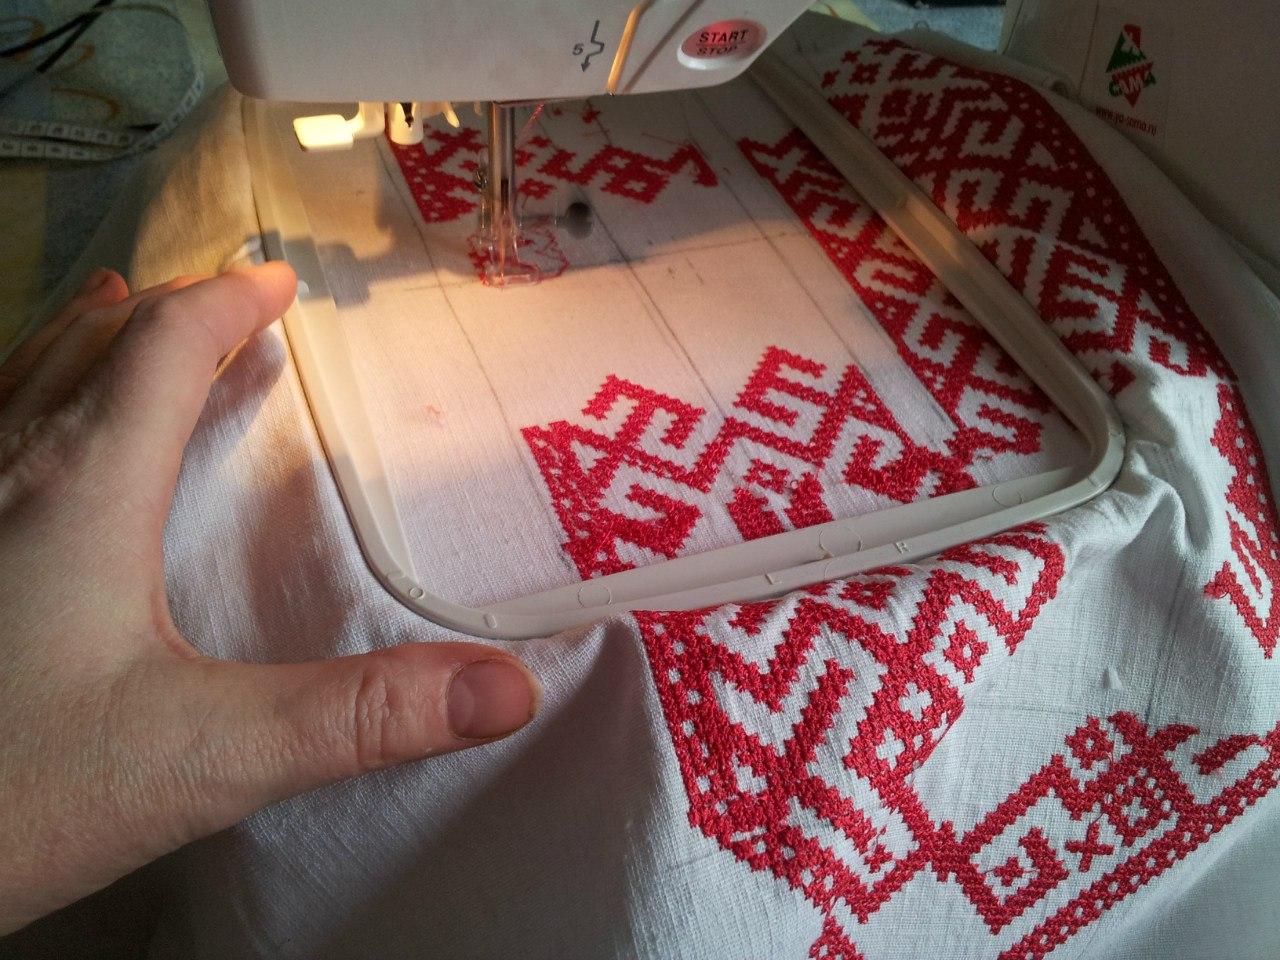 процесс нанесения вышивки